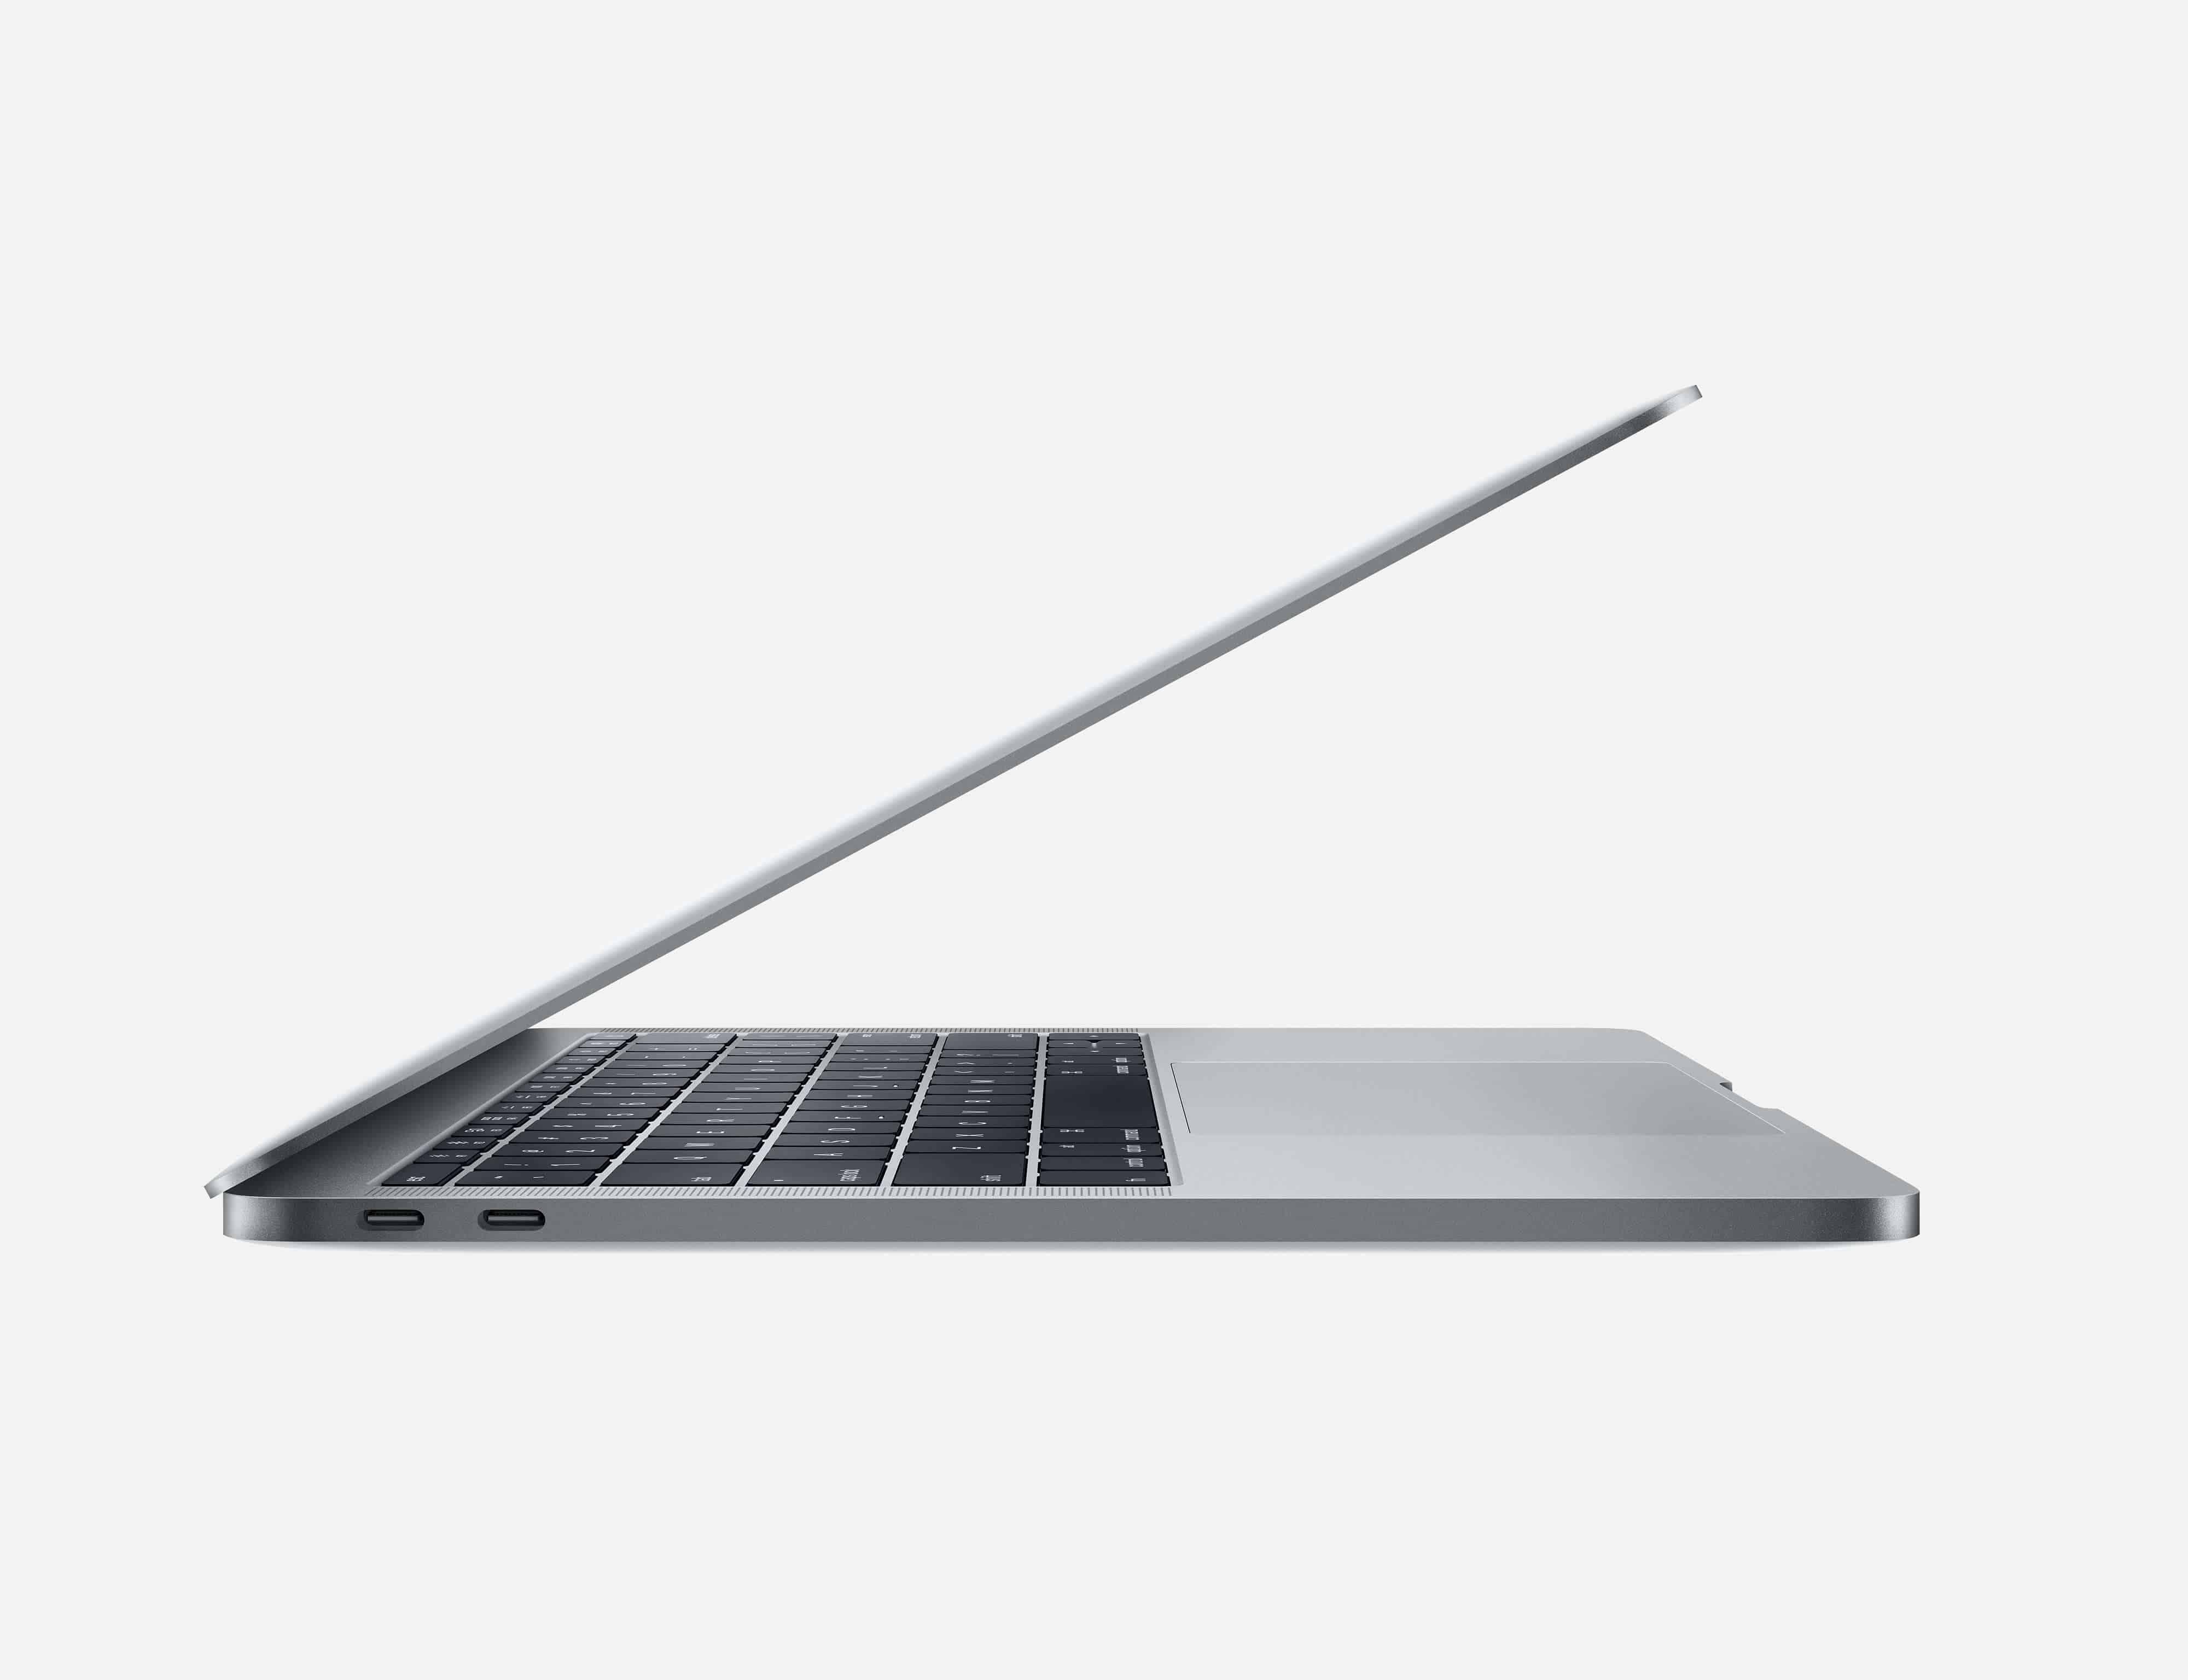 MacBook Pro 2019 MacBook Pro 2019 - Nên chọn MacBook Air 2019 hay MacBook Pro 2019